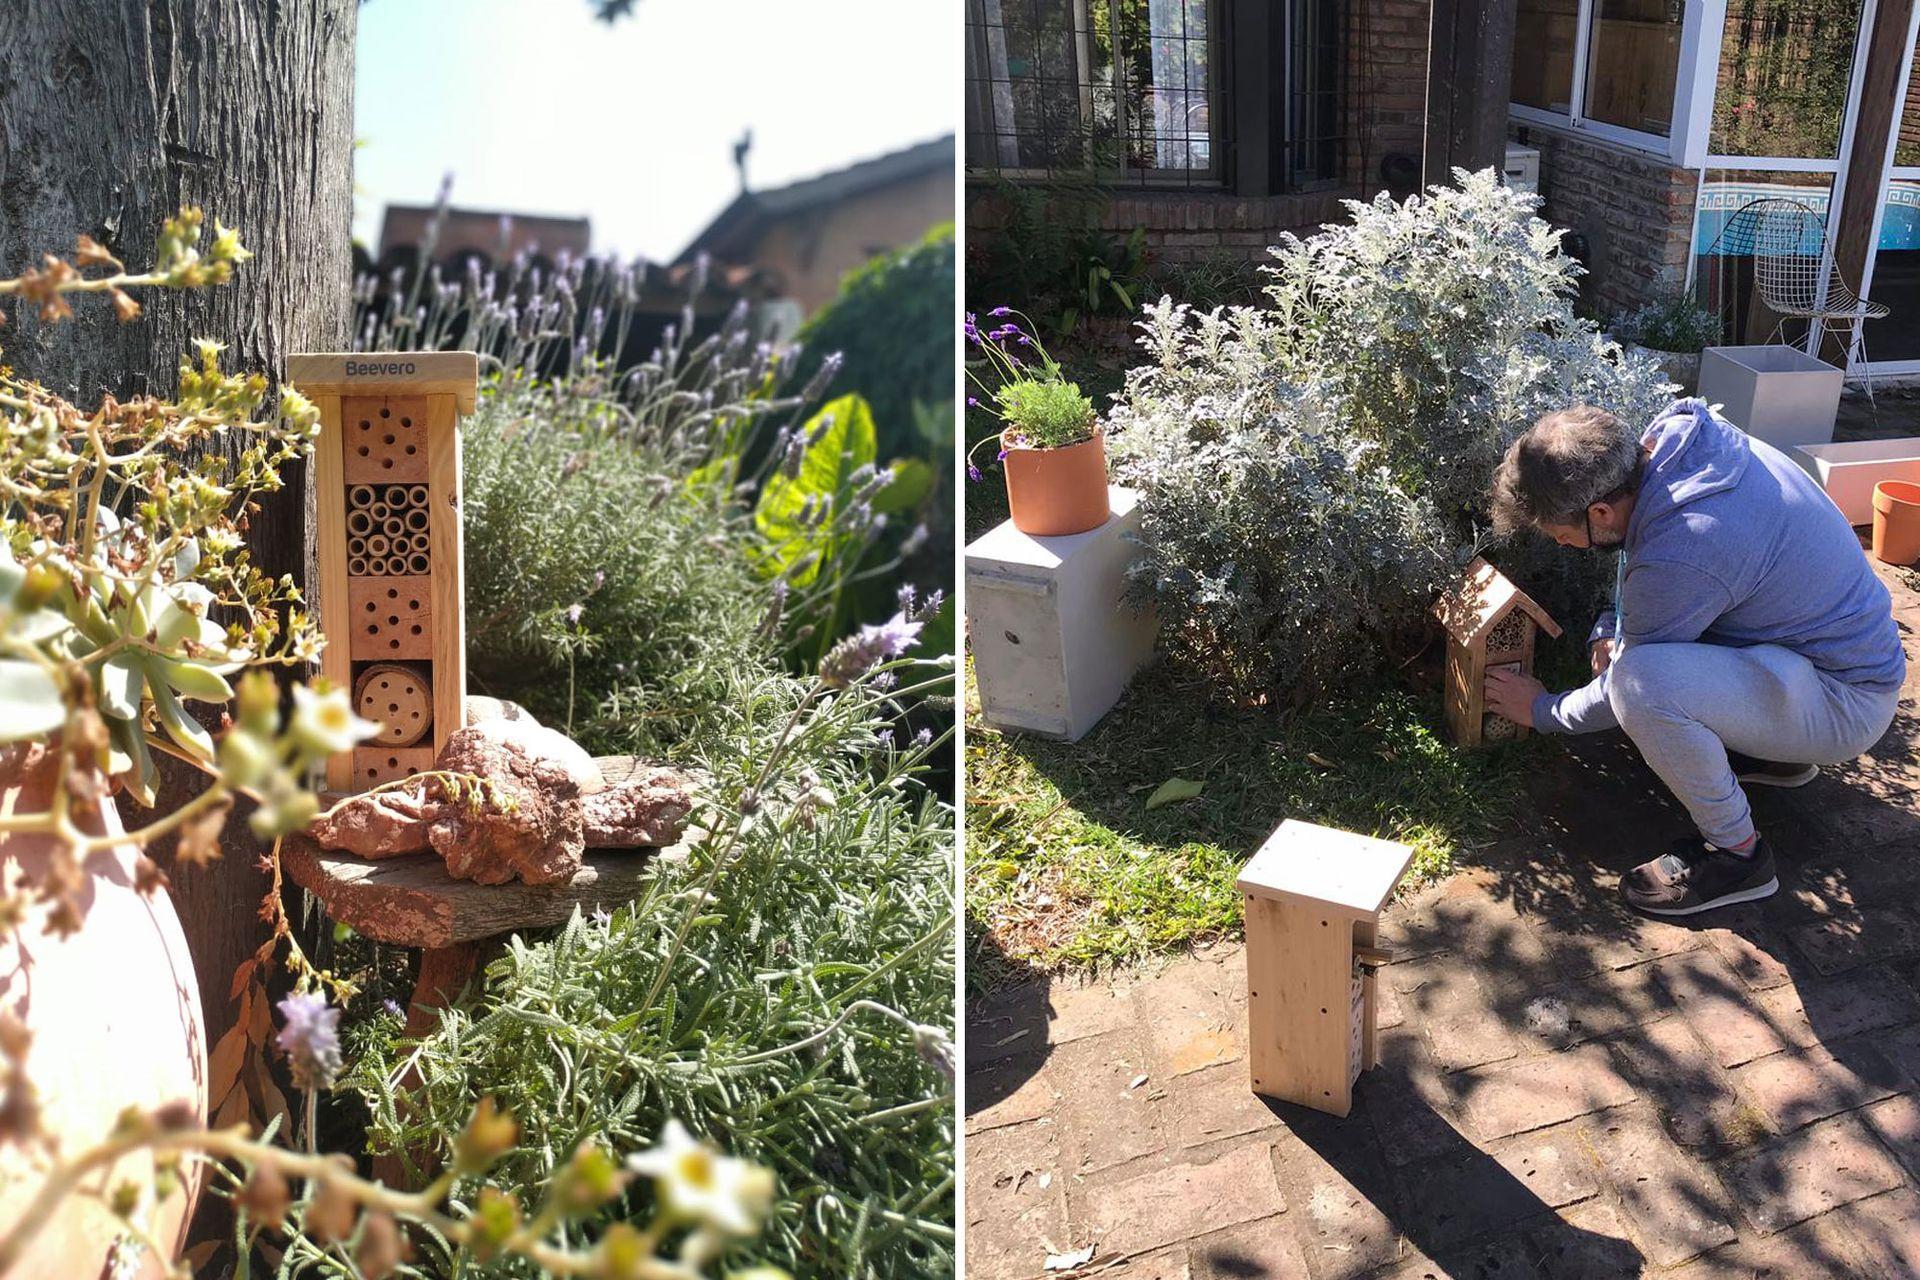 Refugios para abejas solitarias y plantas para atraer insectos polinizadores, los productos protagonistas del emprendimiento.